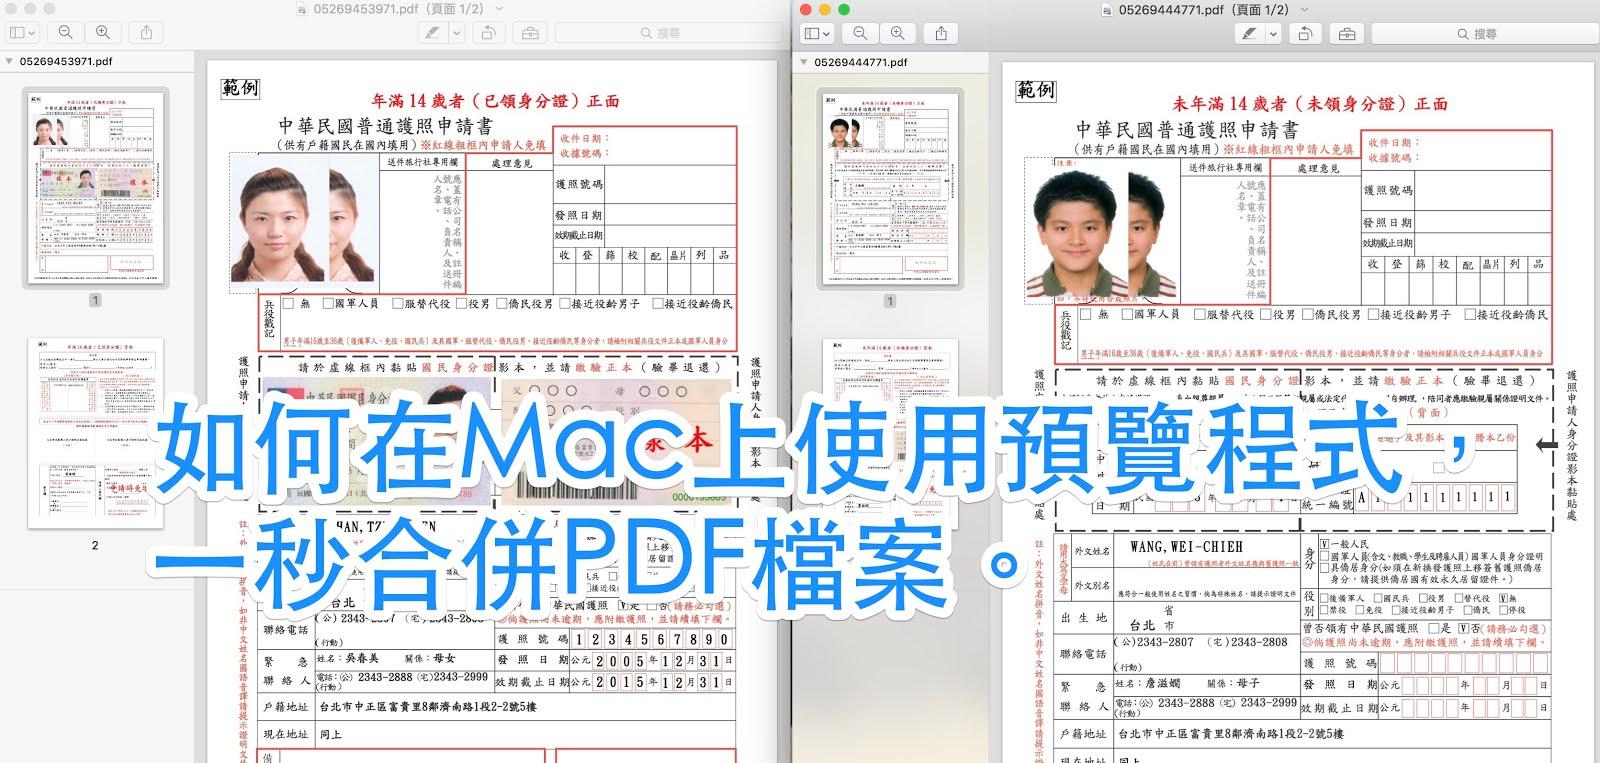 HO's市調: [教學] 如何在Mac上透過預覽程式。一秒合併兩份PDF檔